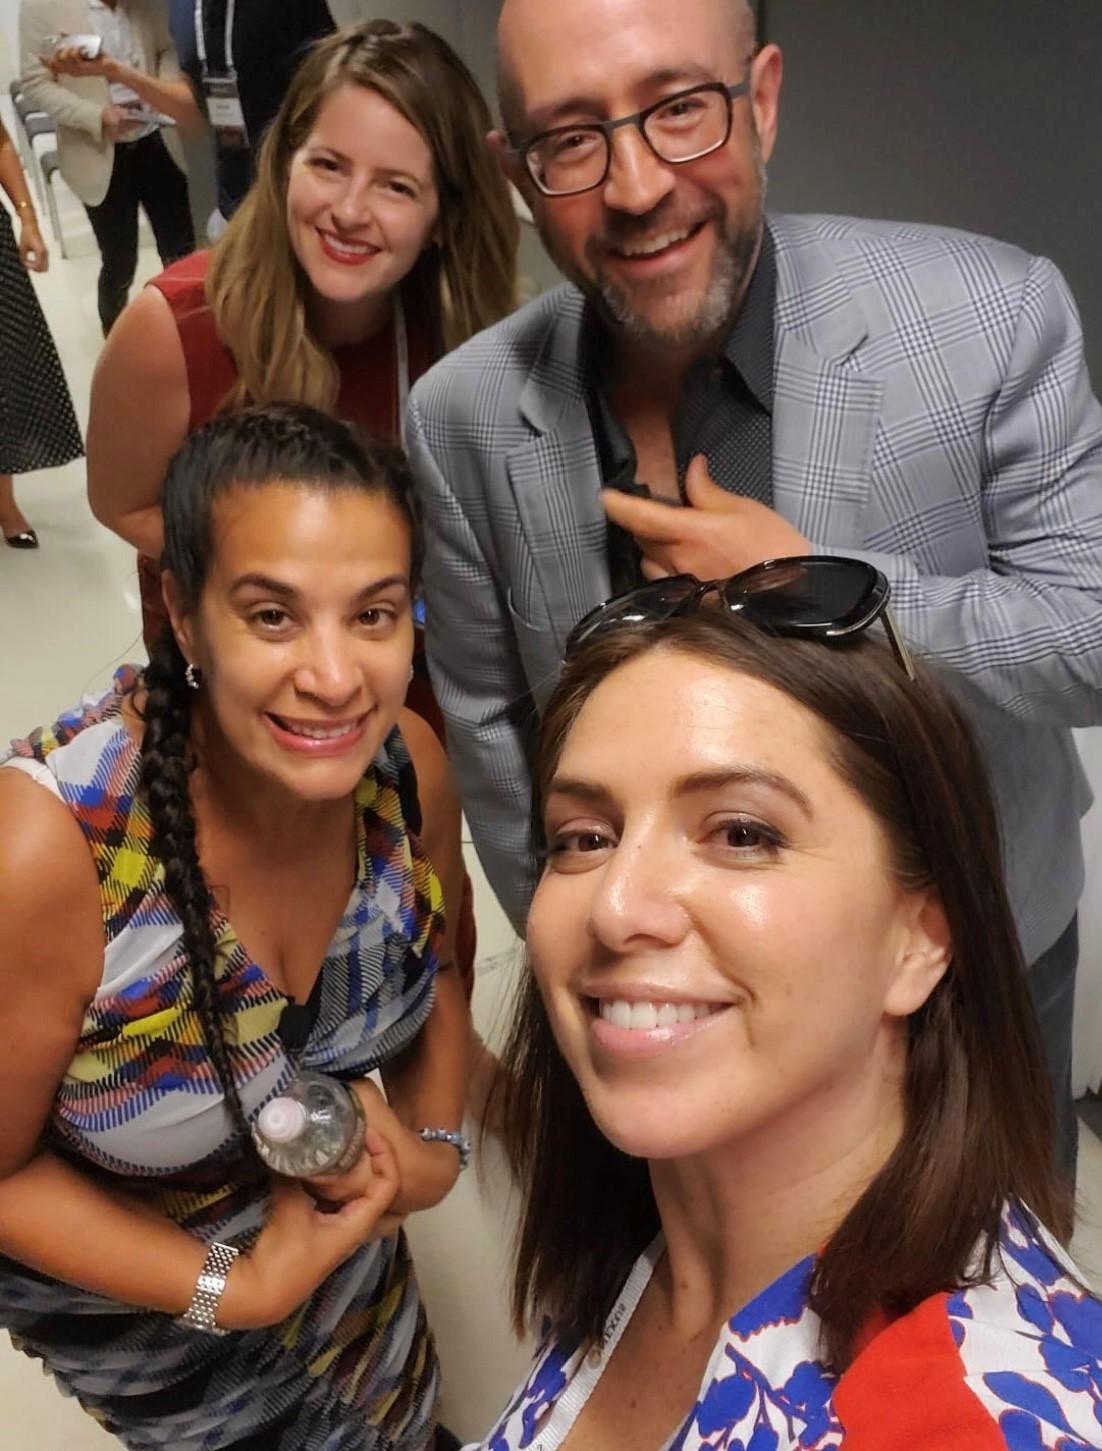 RCI - Maysoon Zayid, Jay Rosenzweig, Nathalie Molina Niño 20190808.jpg